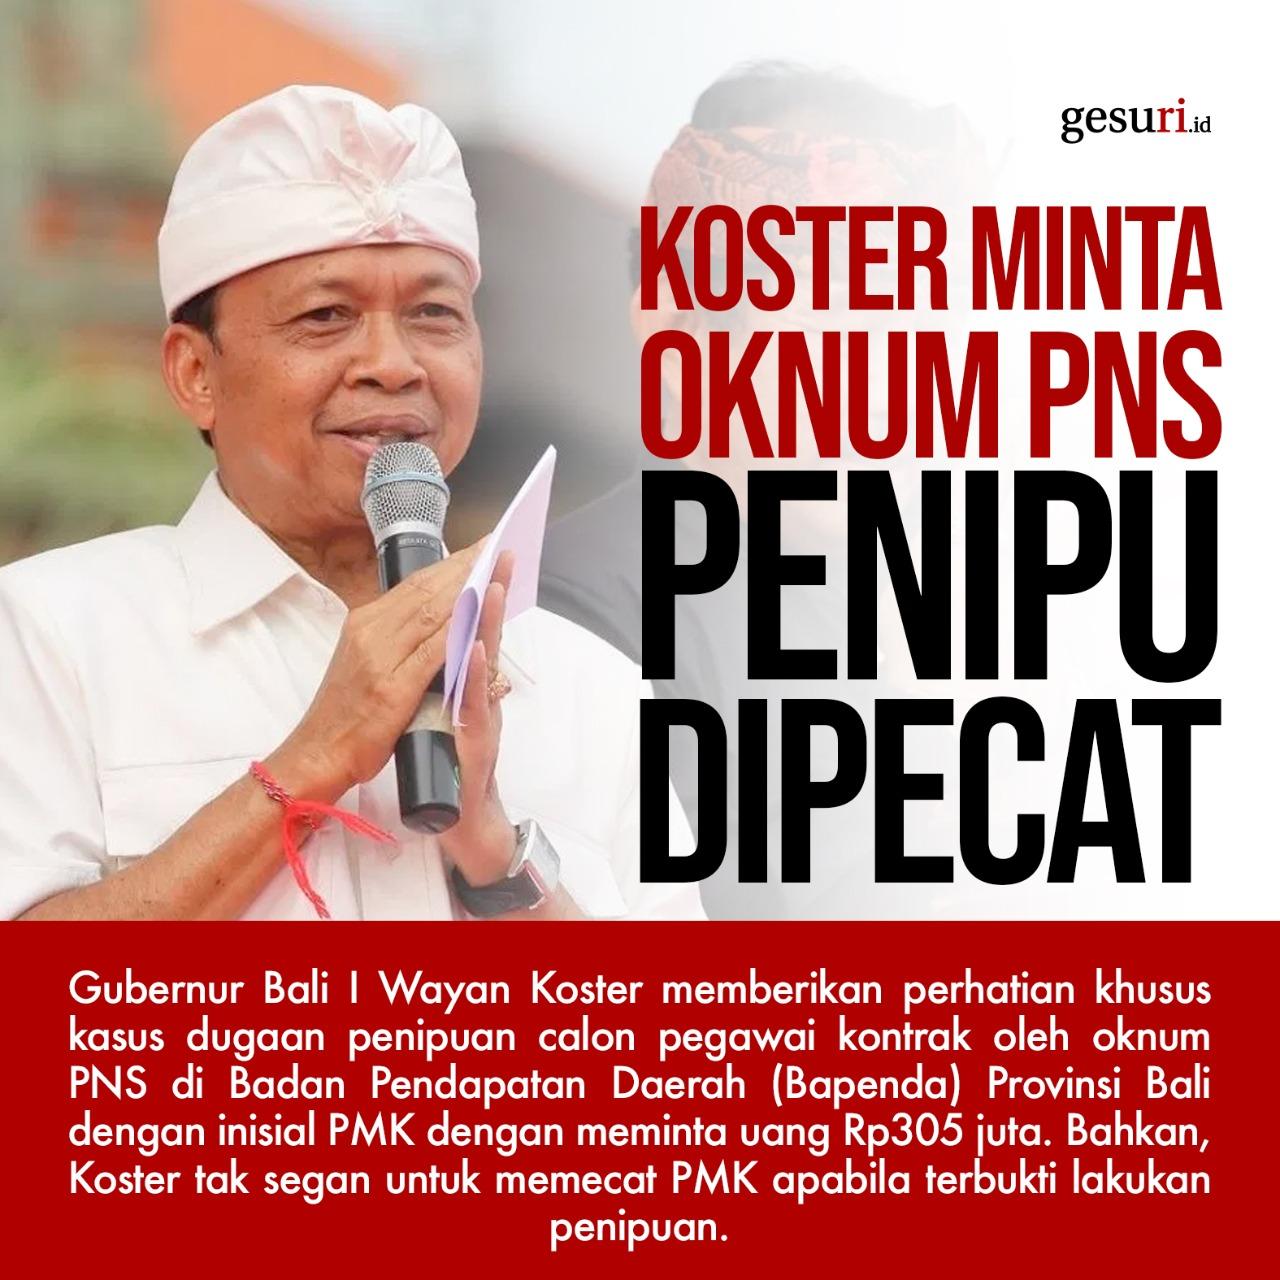 Koster Minta Oknum PNS Penipu di Bali Segera Dipecat